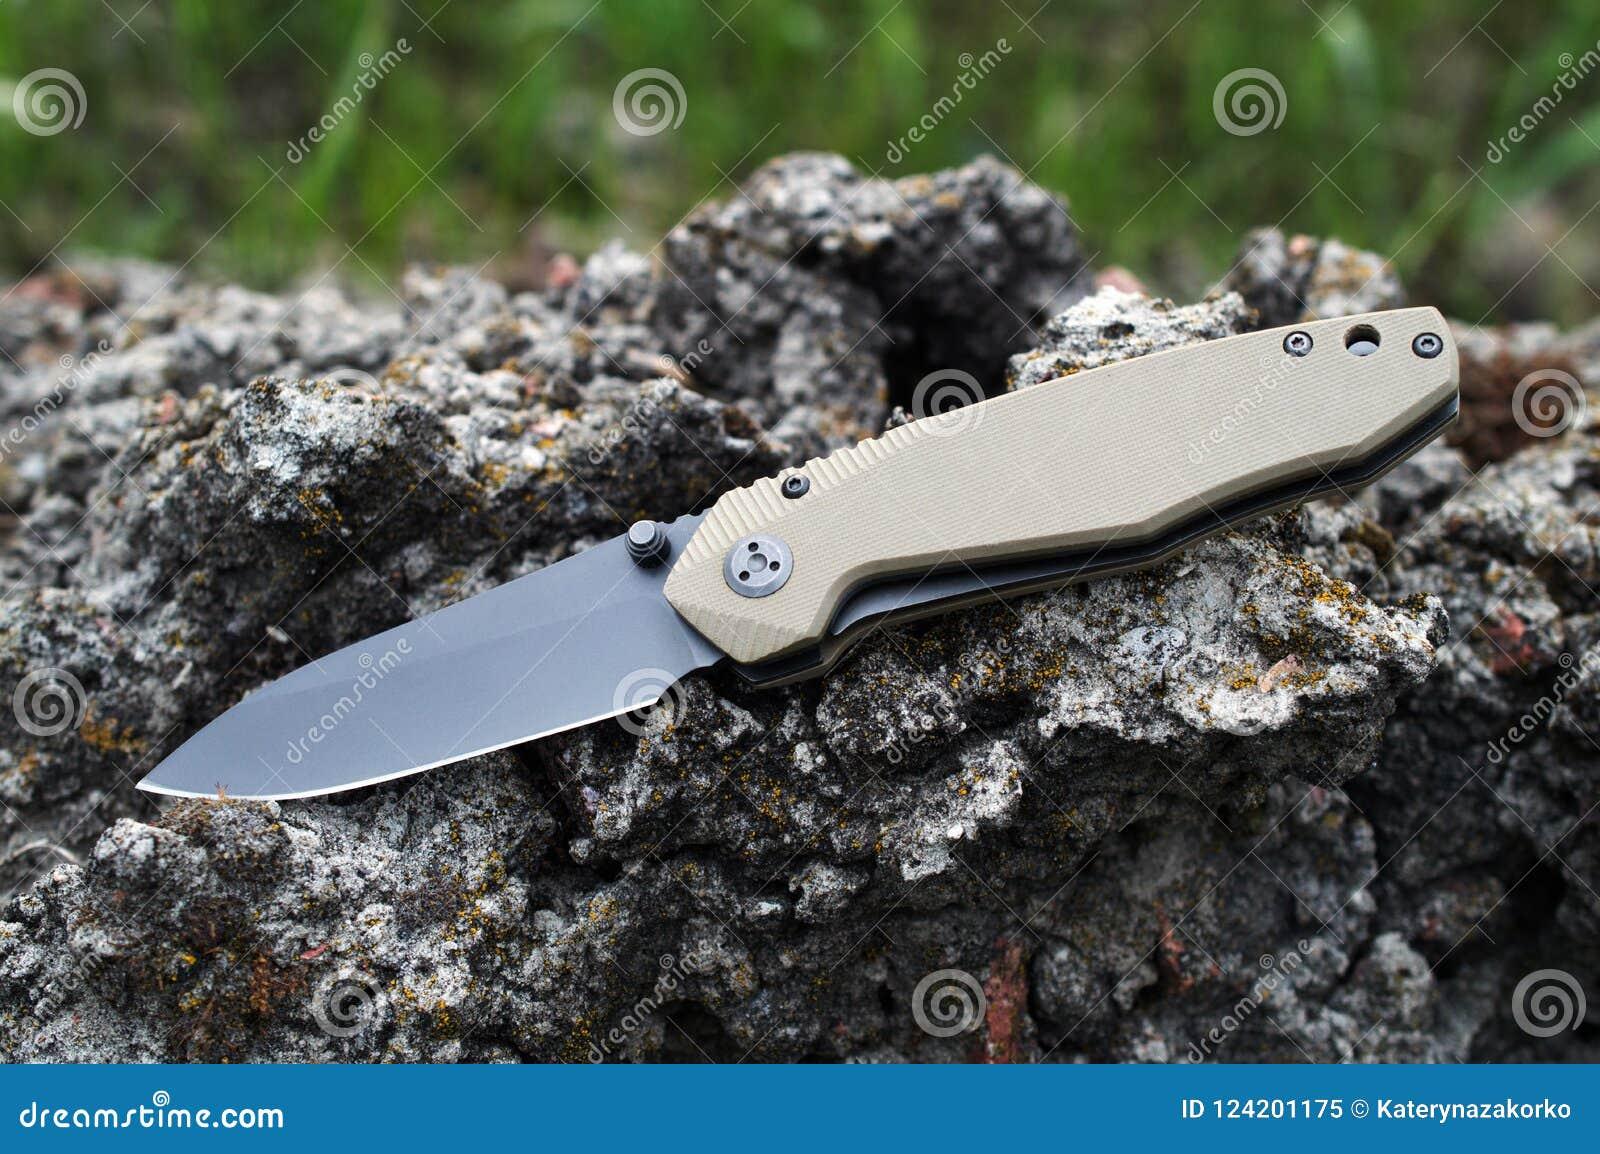 Falcowanie turysta, campingowy nóż z czarnym ostrzem i rękojeść robić,